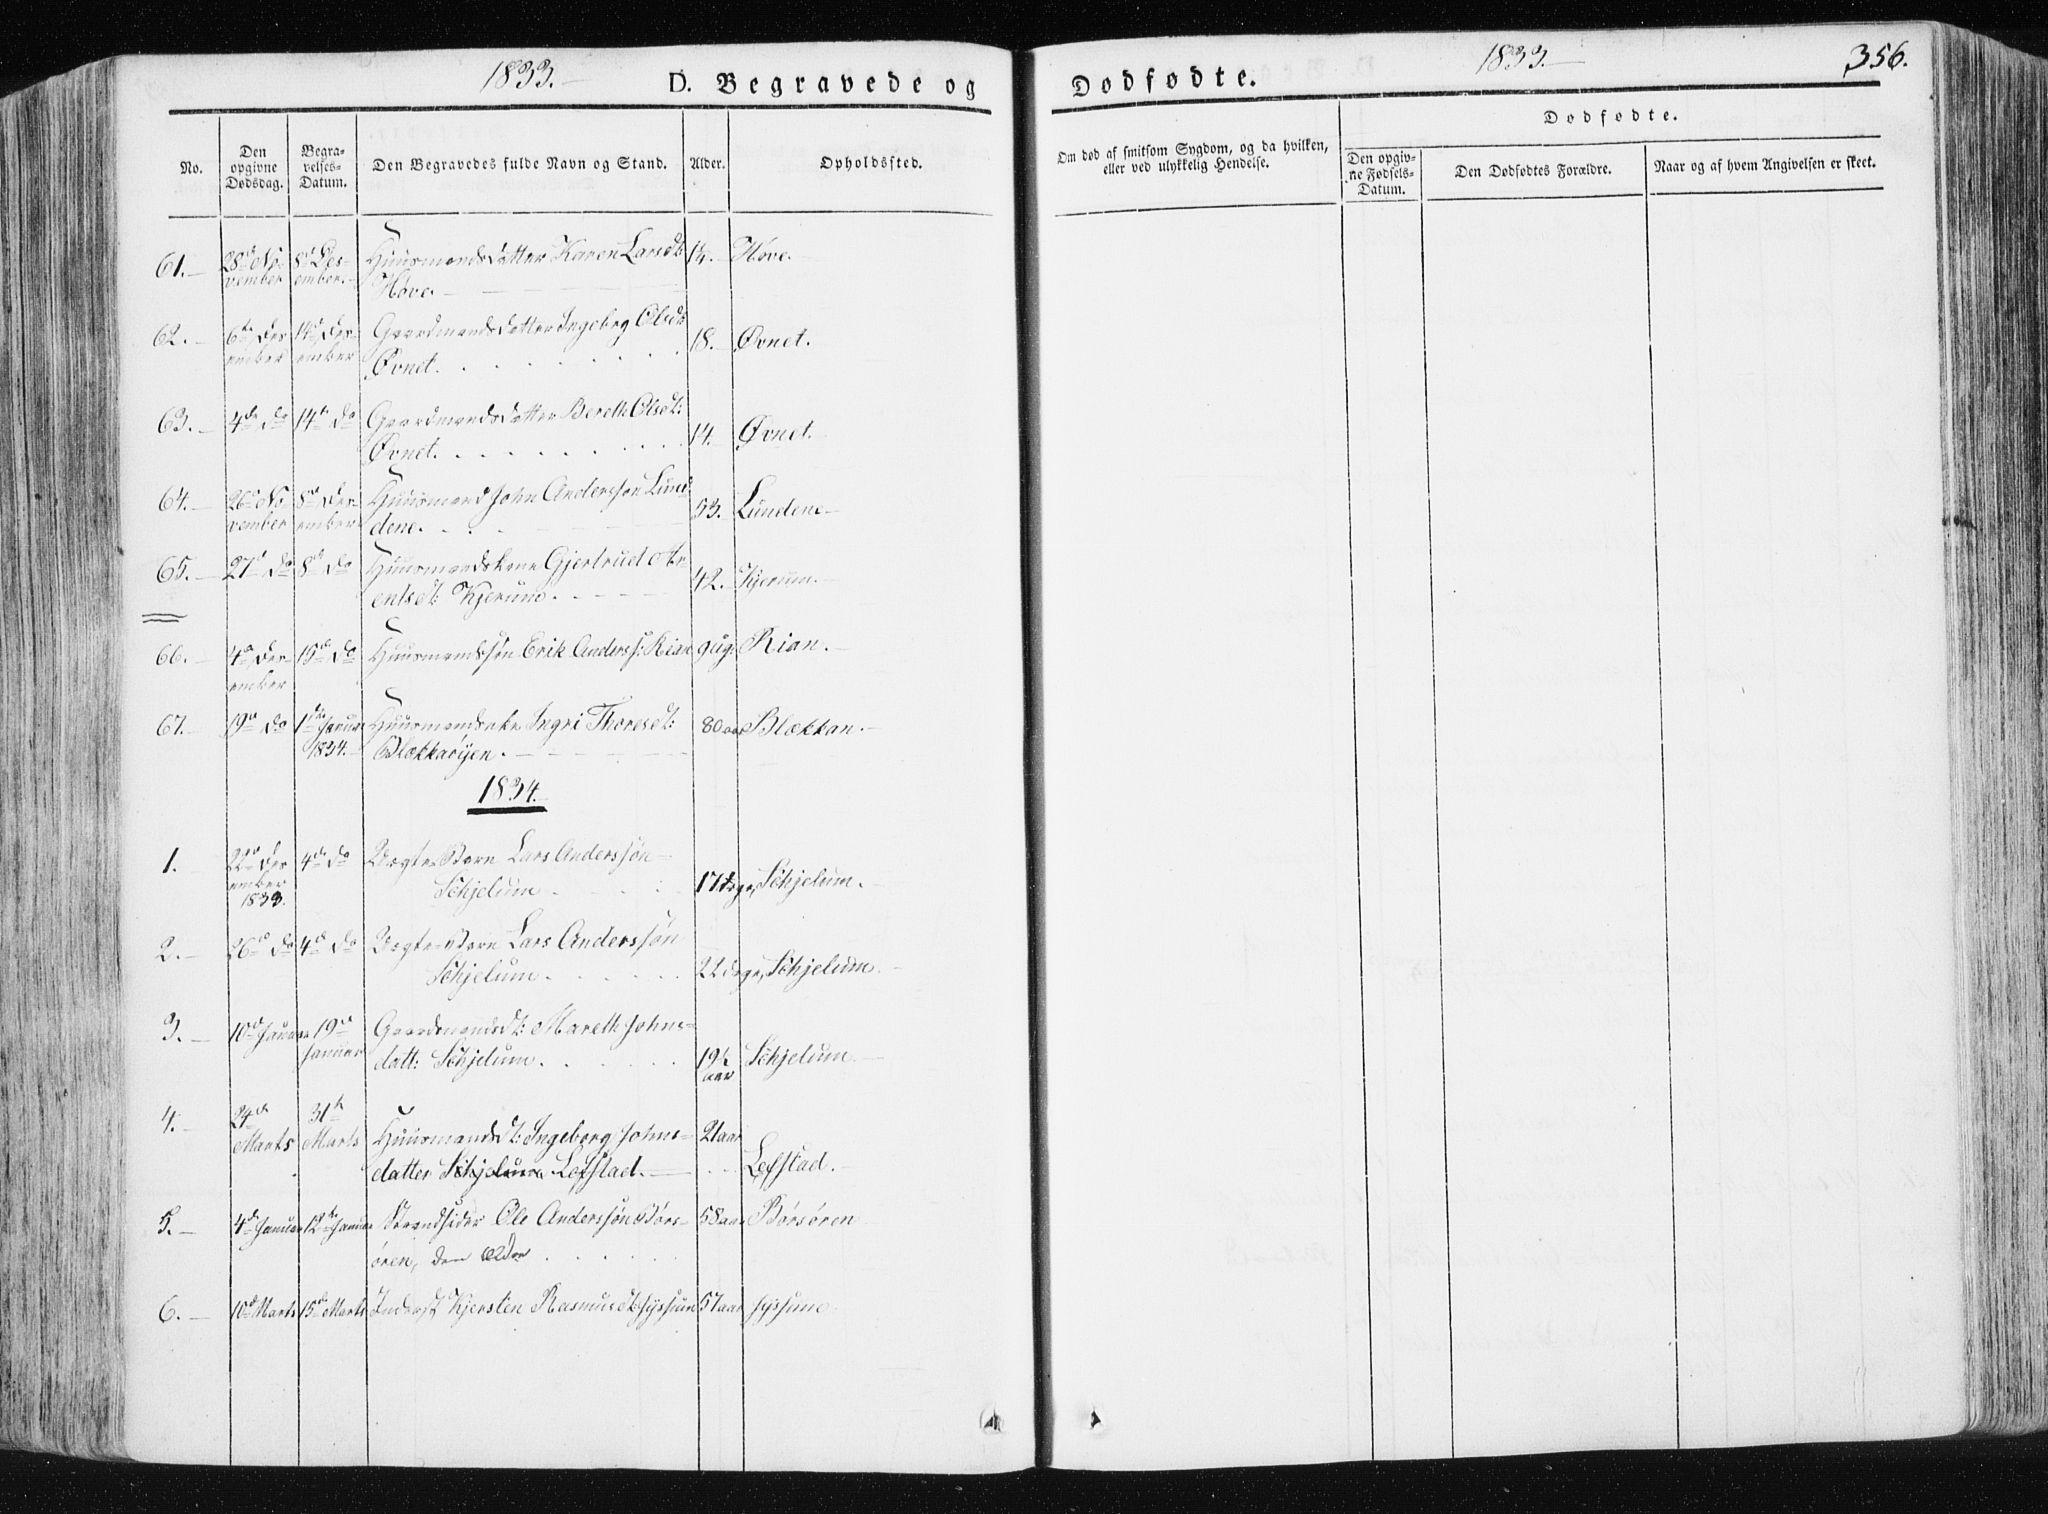 SAT, Ministerialprotokoller, klokkerbøker og fødselsregistre - Sør-Trøndelag, 665/L0771: Ministerialbok nr. 665A06, 1830-1856, s. 356